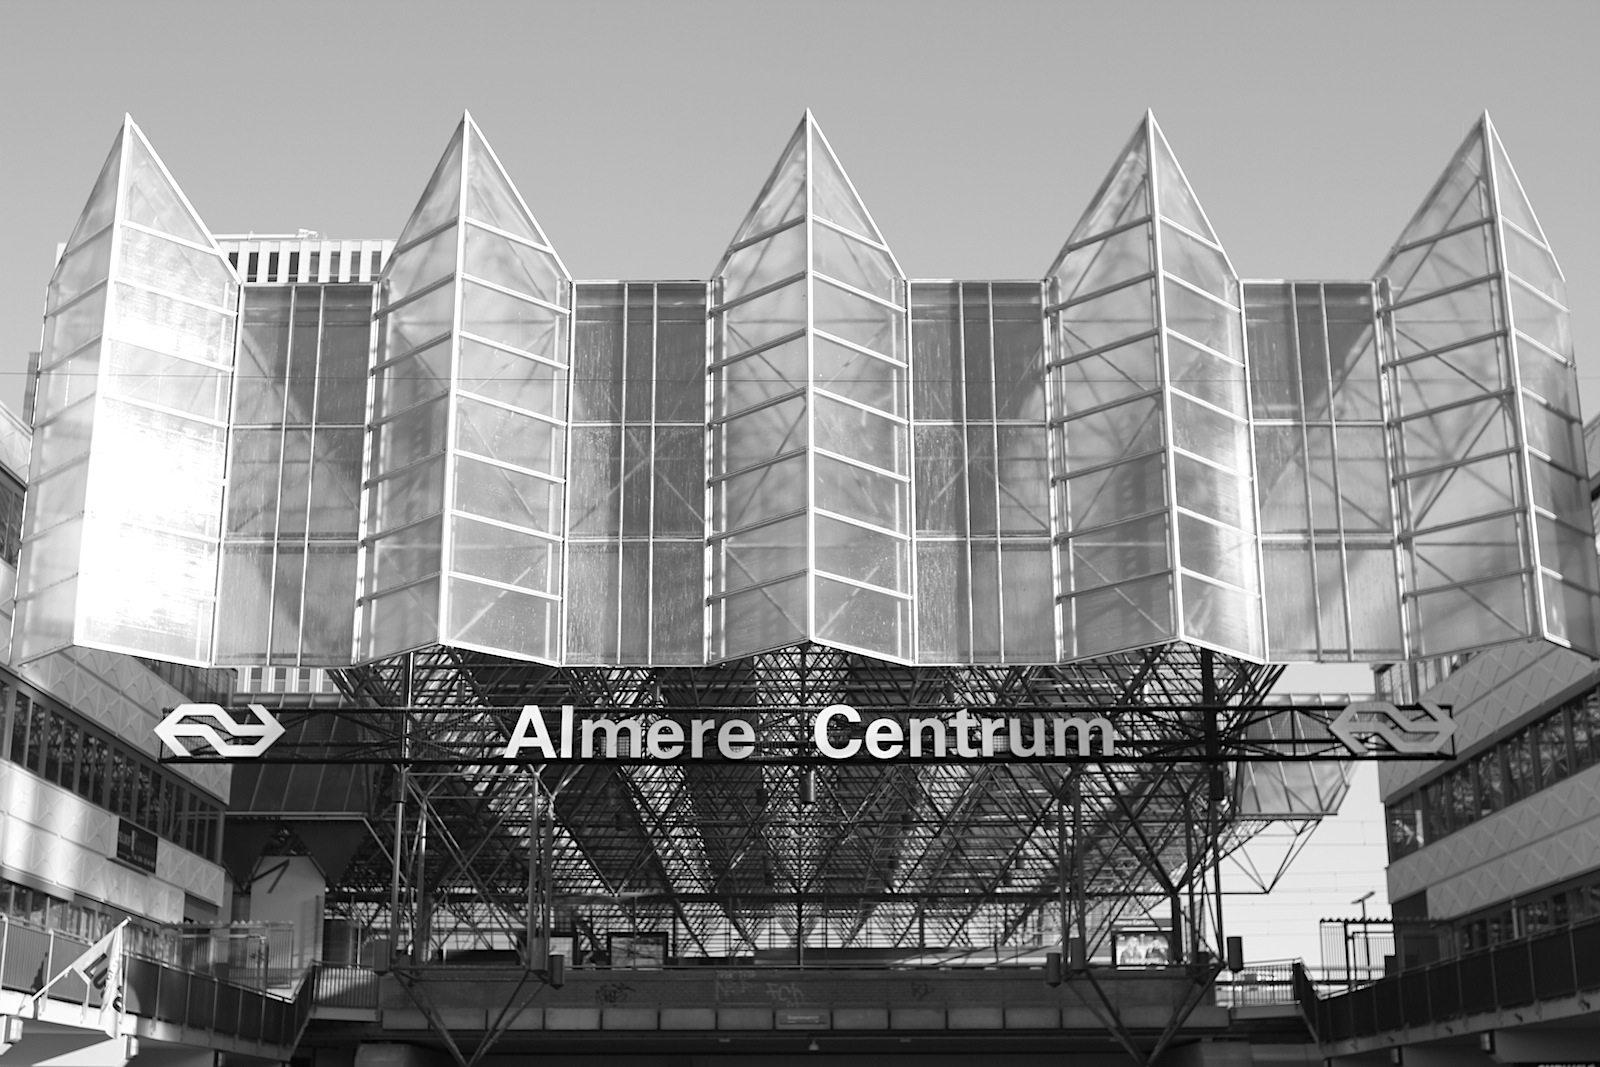 Almere Centrum.